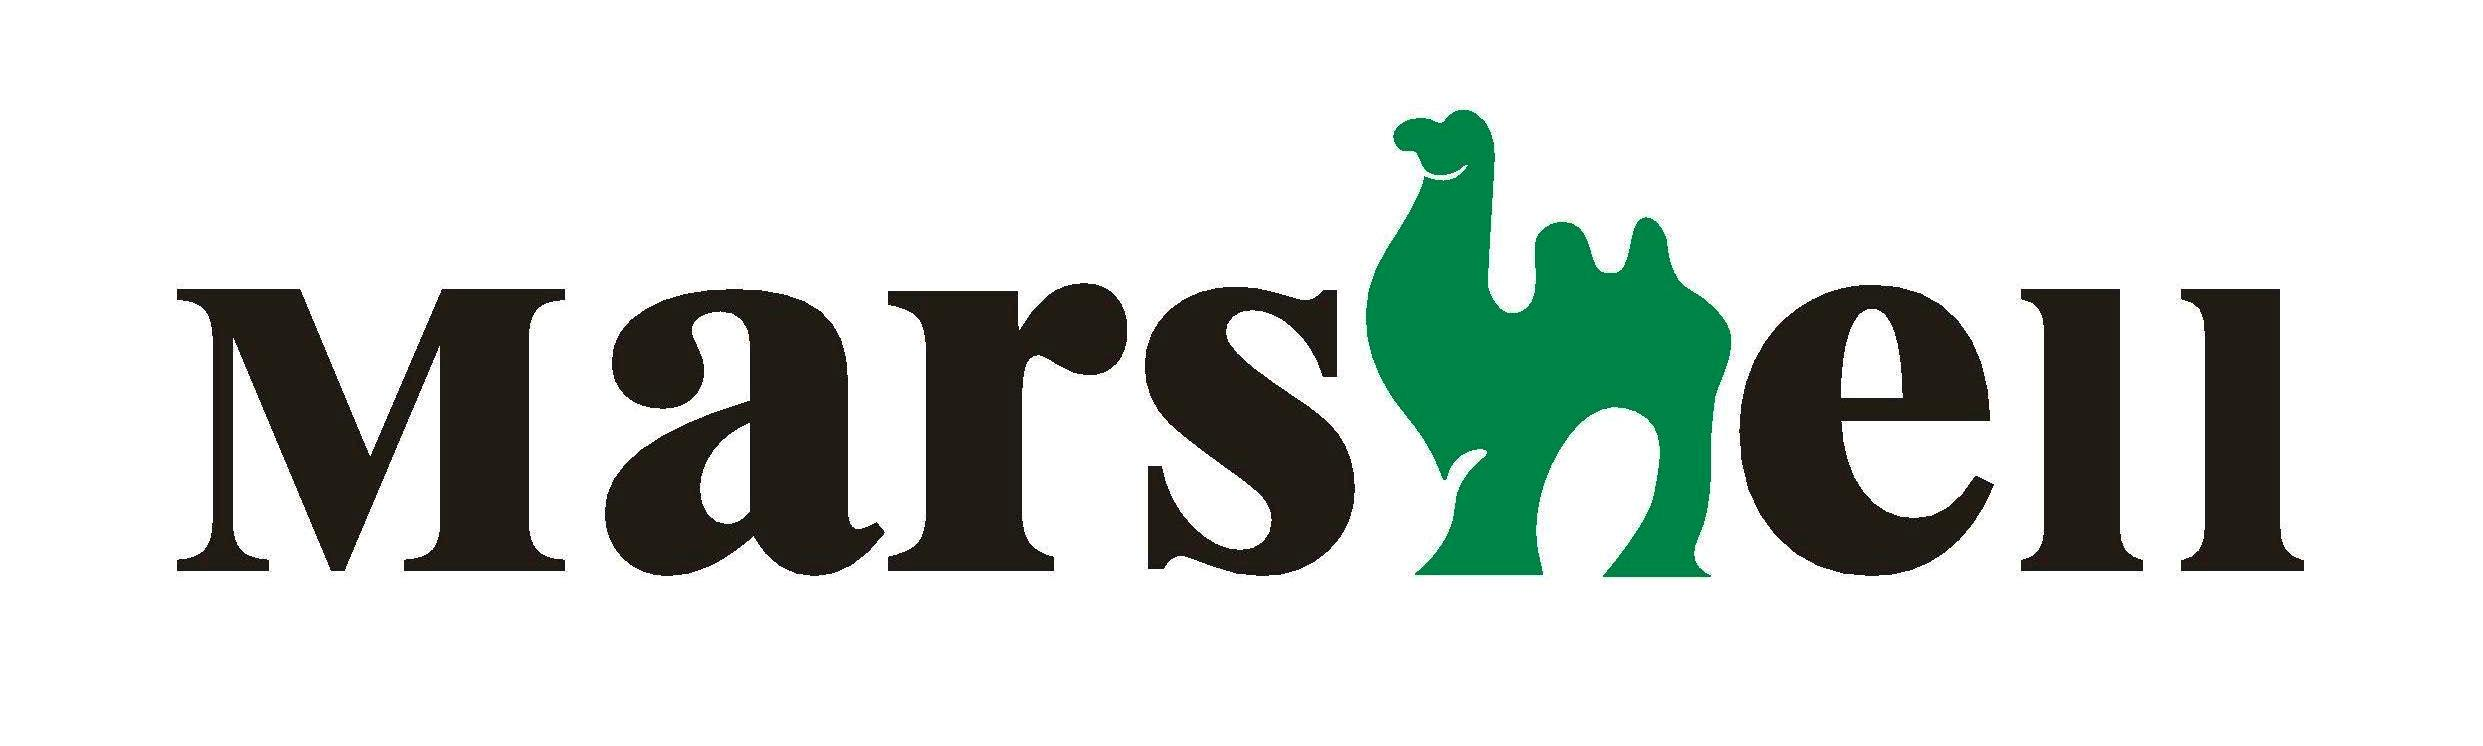 Marshell_Logo-001.jpg